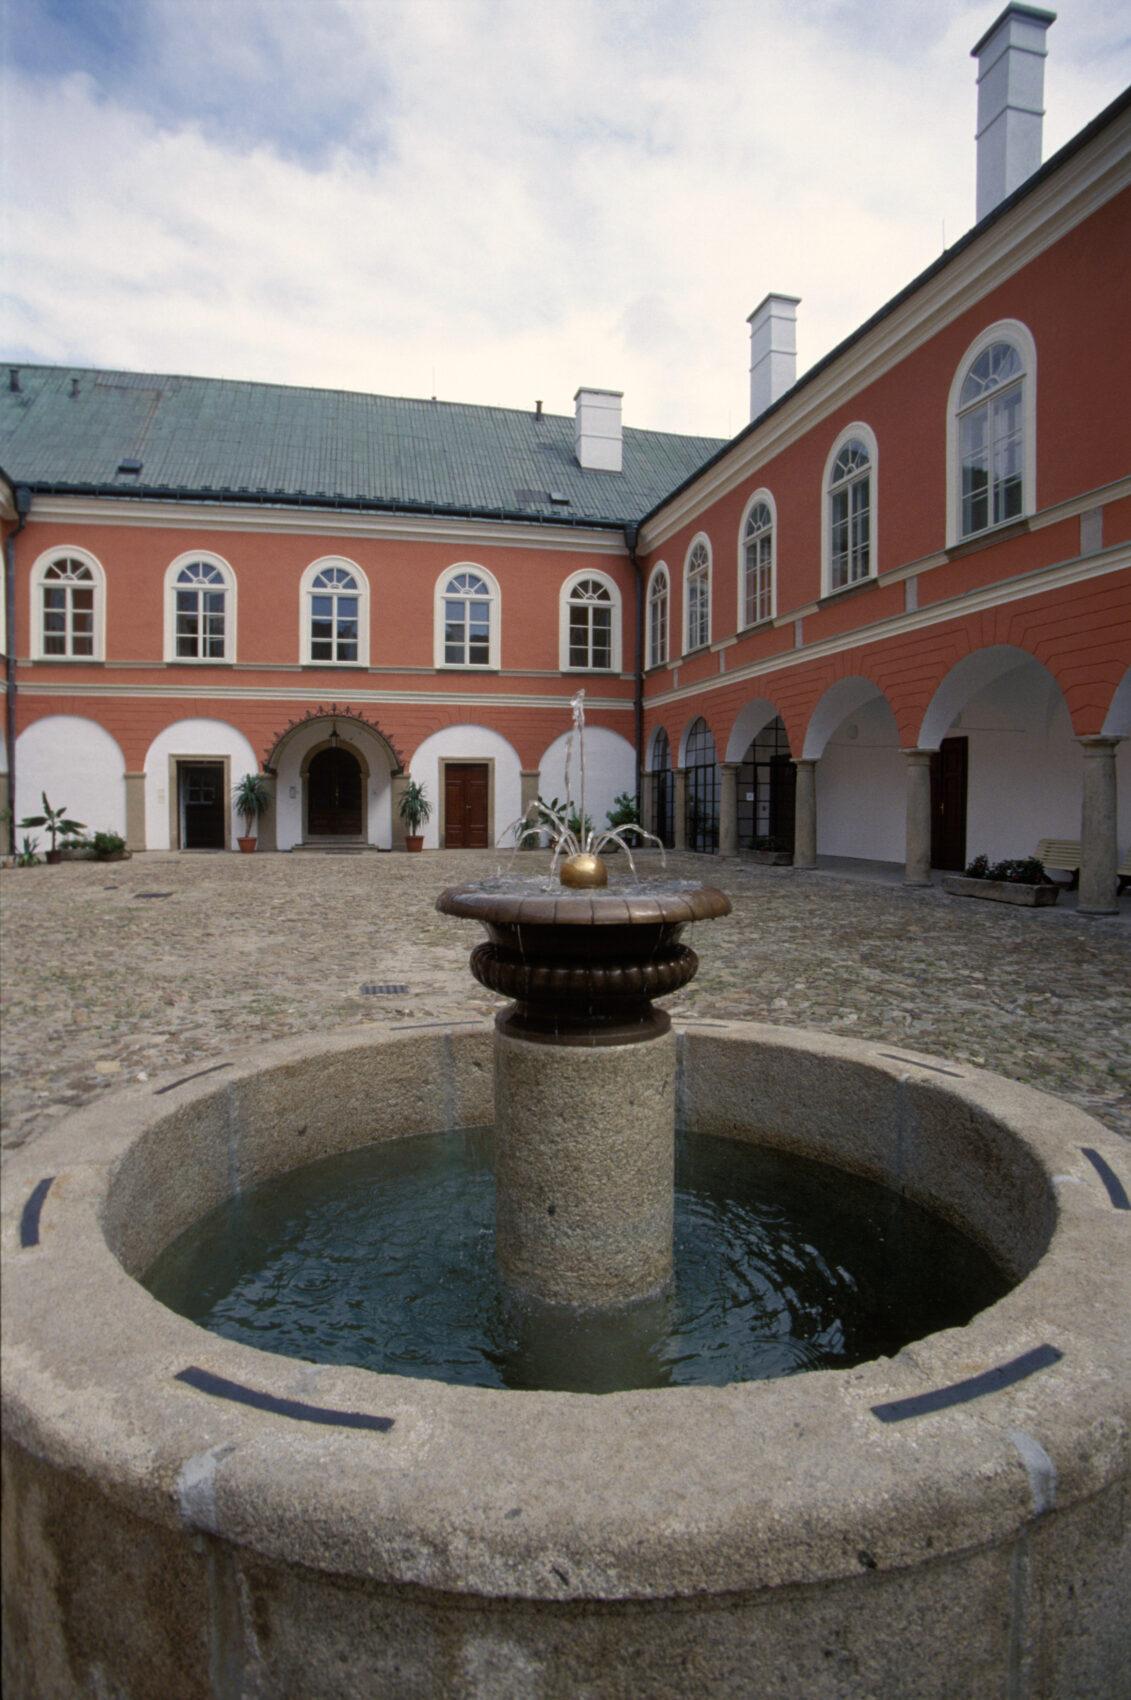 Nádvoří zámku Kamenice nad Lipou s renesančními arkádami a kašnou